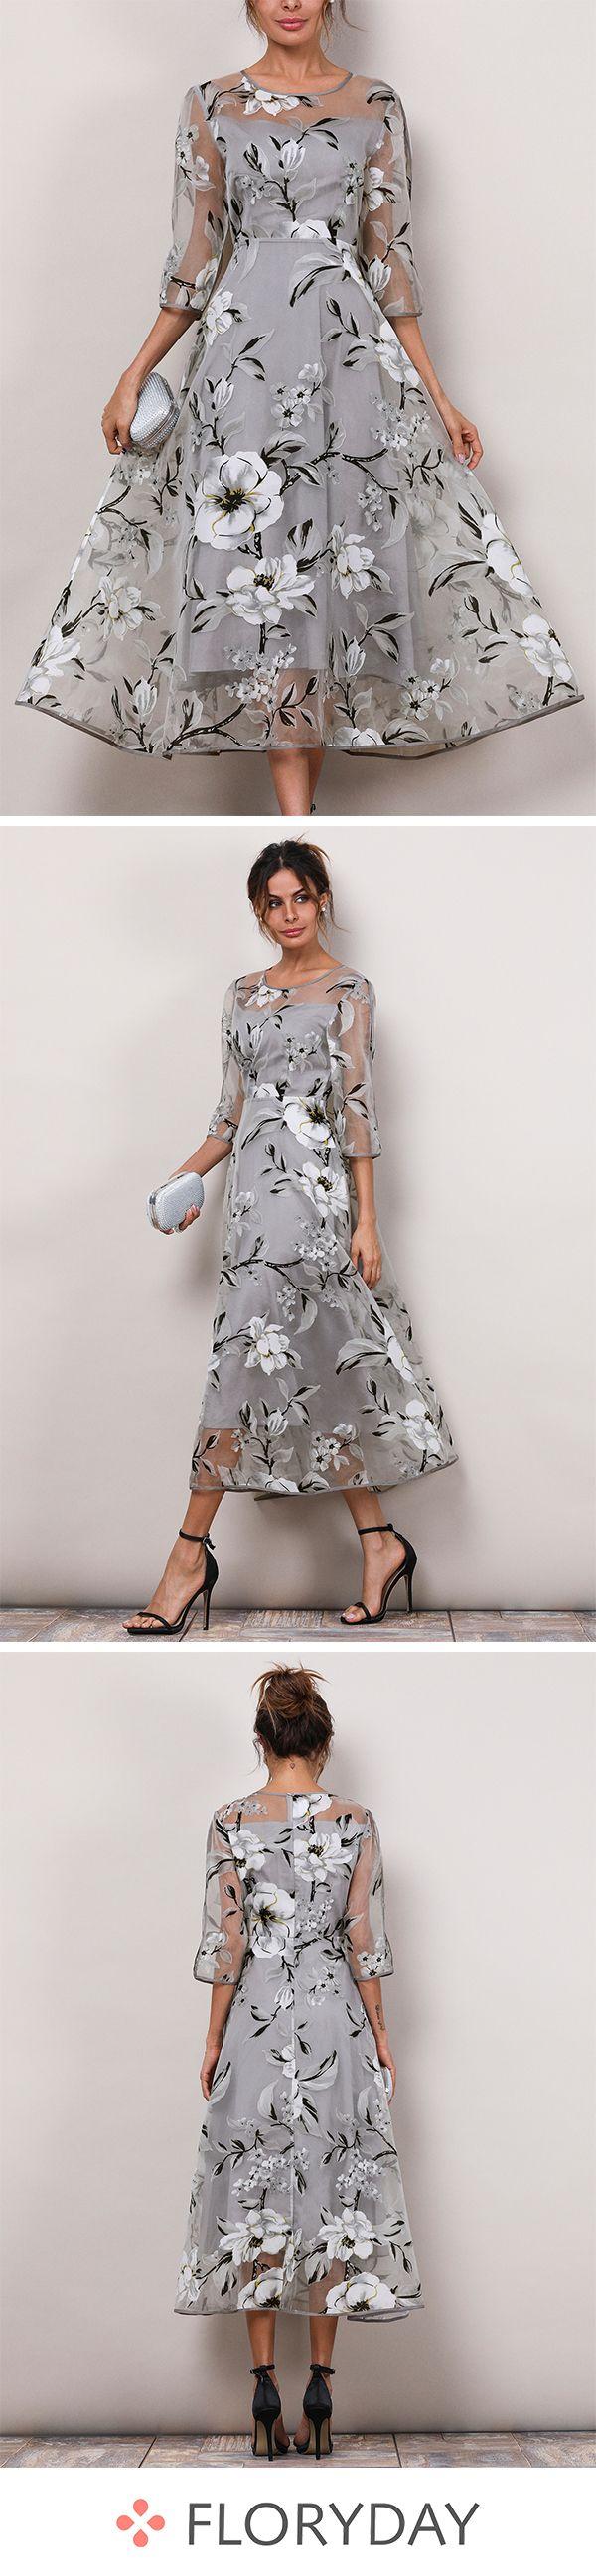 Floral 3 4 Sleeves Midi X Line Dress Fashion Dresses Floryday Dresses Guest Dresses [ 2595 x 600 Pixel ]